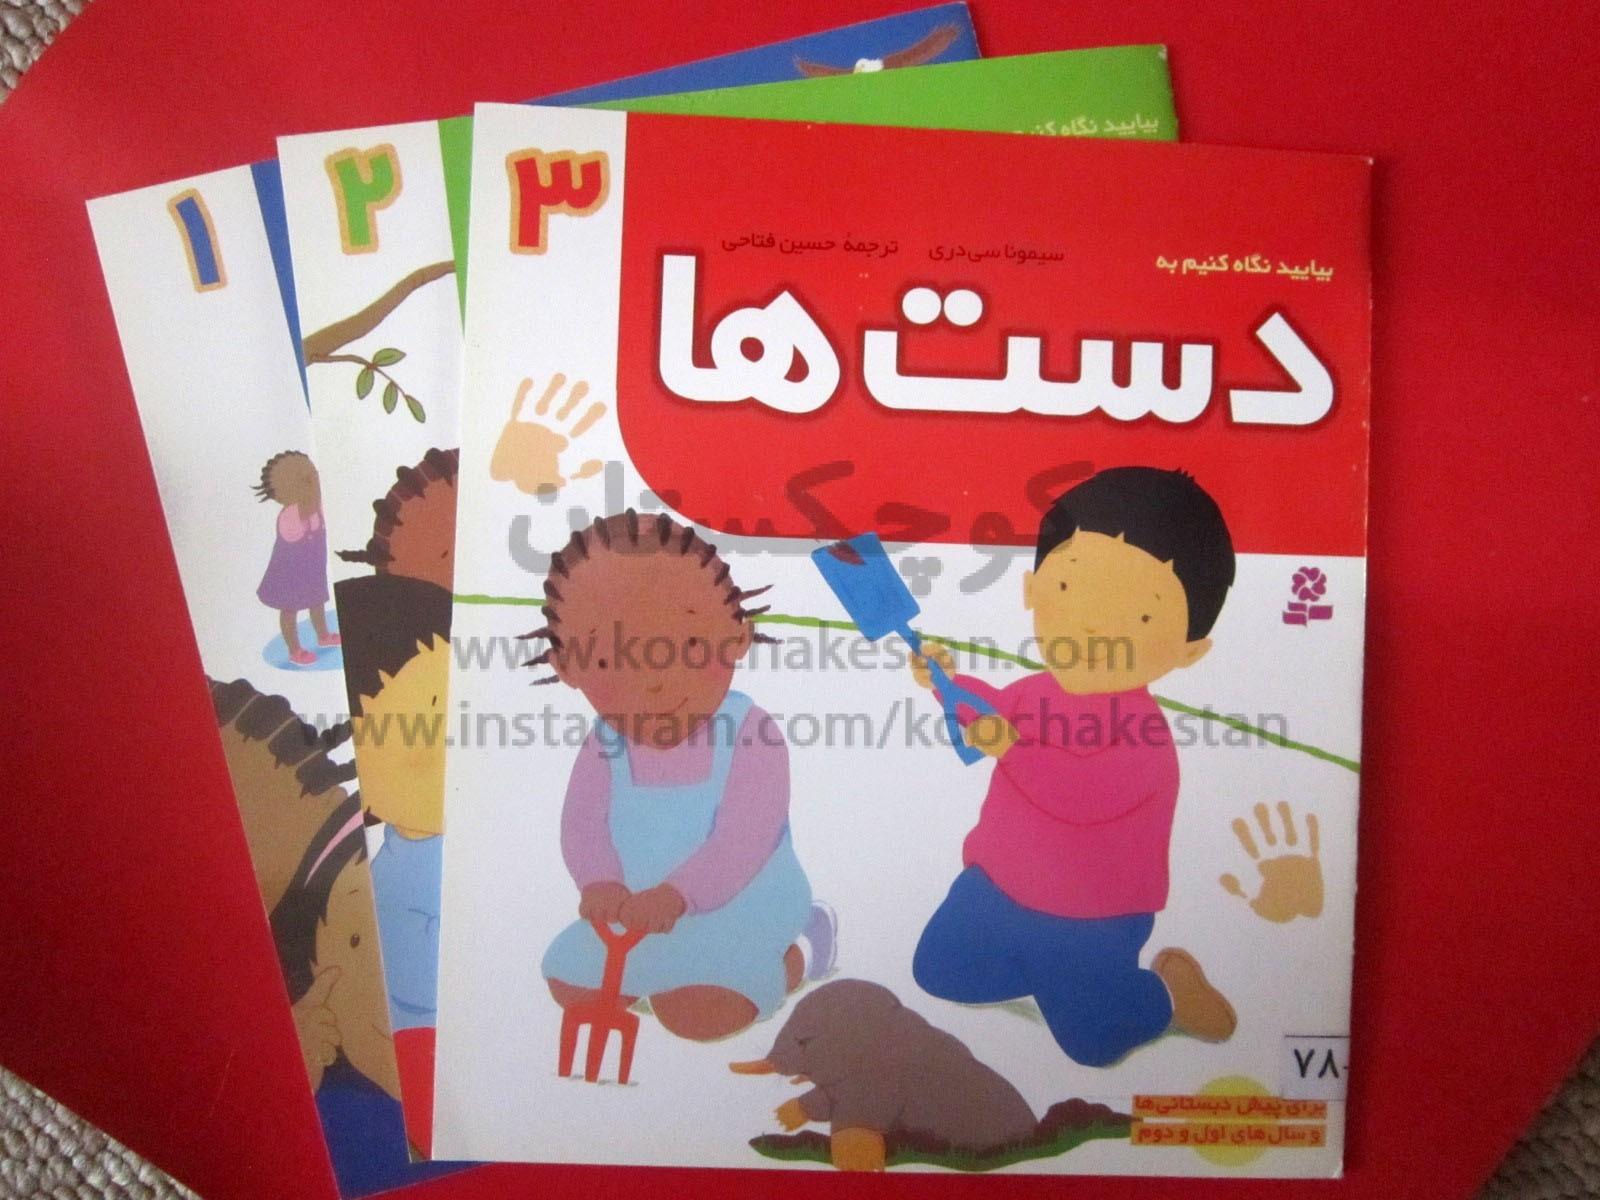 بیایید نگاه کنیم به دست ها - کتابخانه کودک